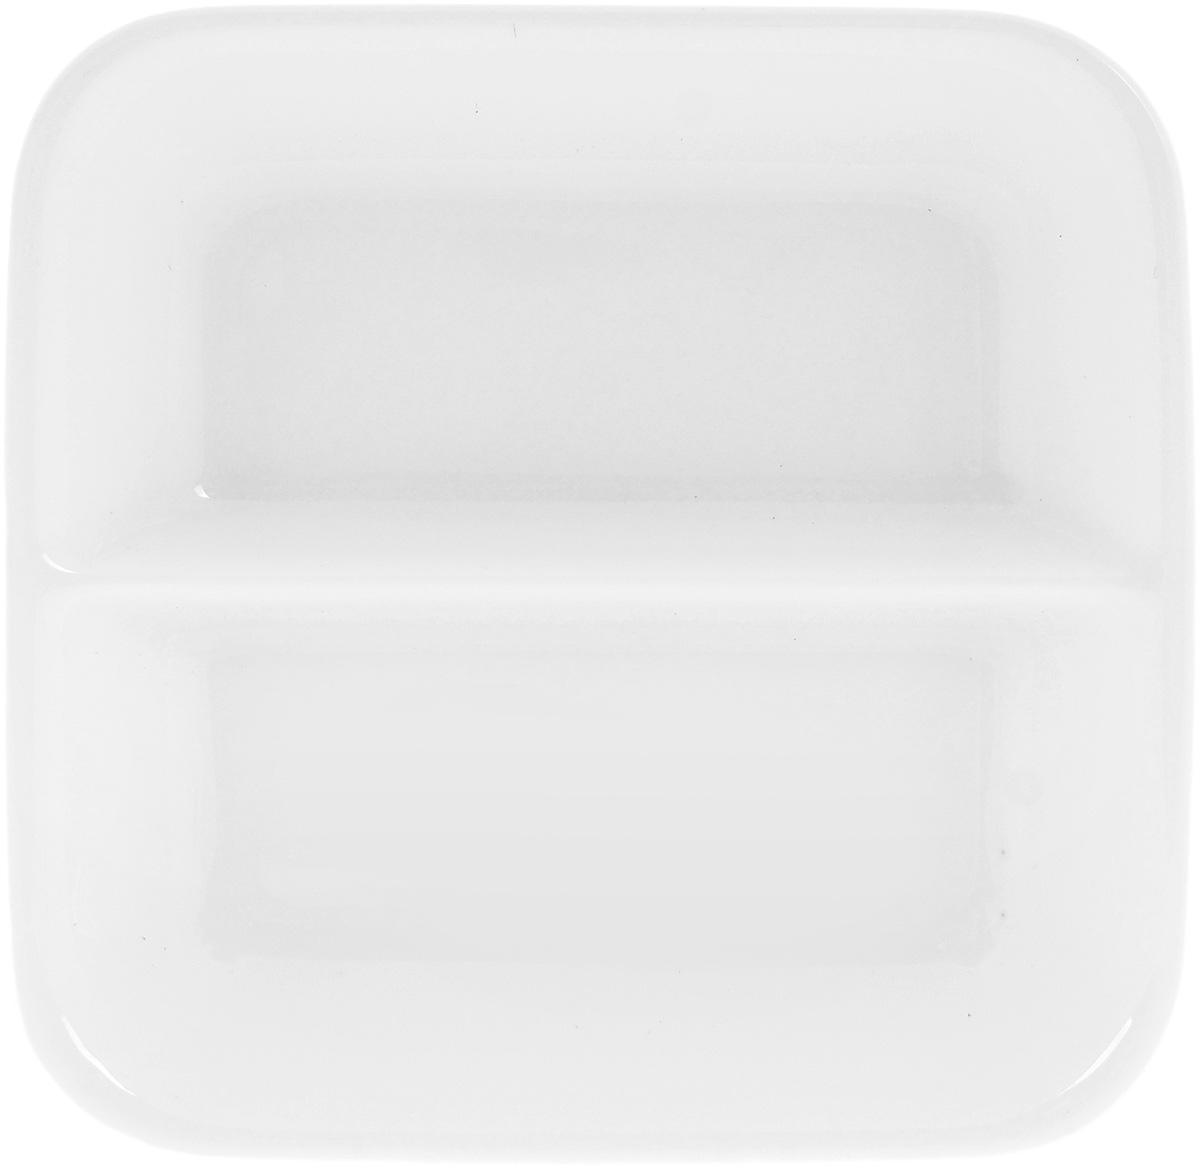 Блюдце для соуса Wilmax, двойное, 55 мл115610Блюдце Wilmax, изготовленное из высококачественного фарфора с глазурованным покрытием, предназначено длякрасивой подачи различных соусов. Посуда из фарфора безопасна для здоровья и окружающей среды. Такое блюдце украсит сервировку стола и подчеркнет прекрасный вкус хозяйки. Оно дополнит коллекцию вашей кухонной посуды и будет служитьдолгие годы. Размер блюдца: 8,5 х 8,5 см.